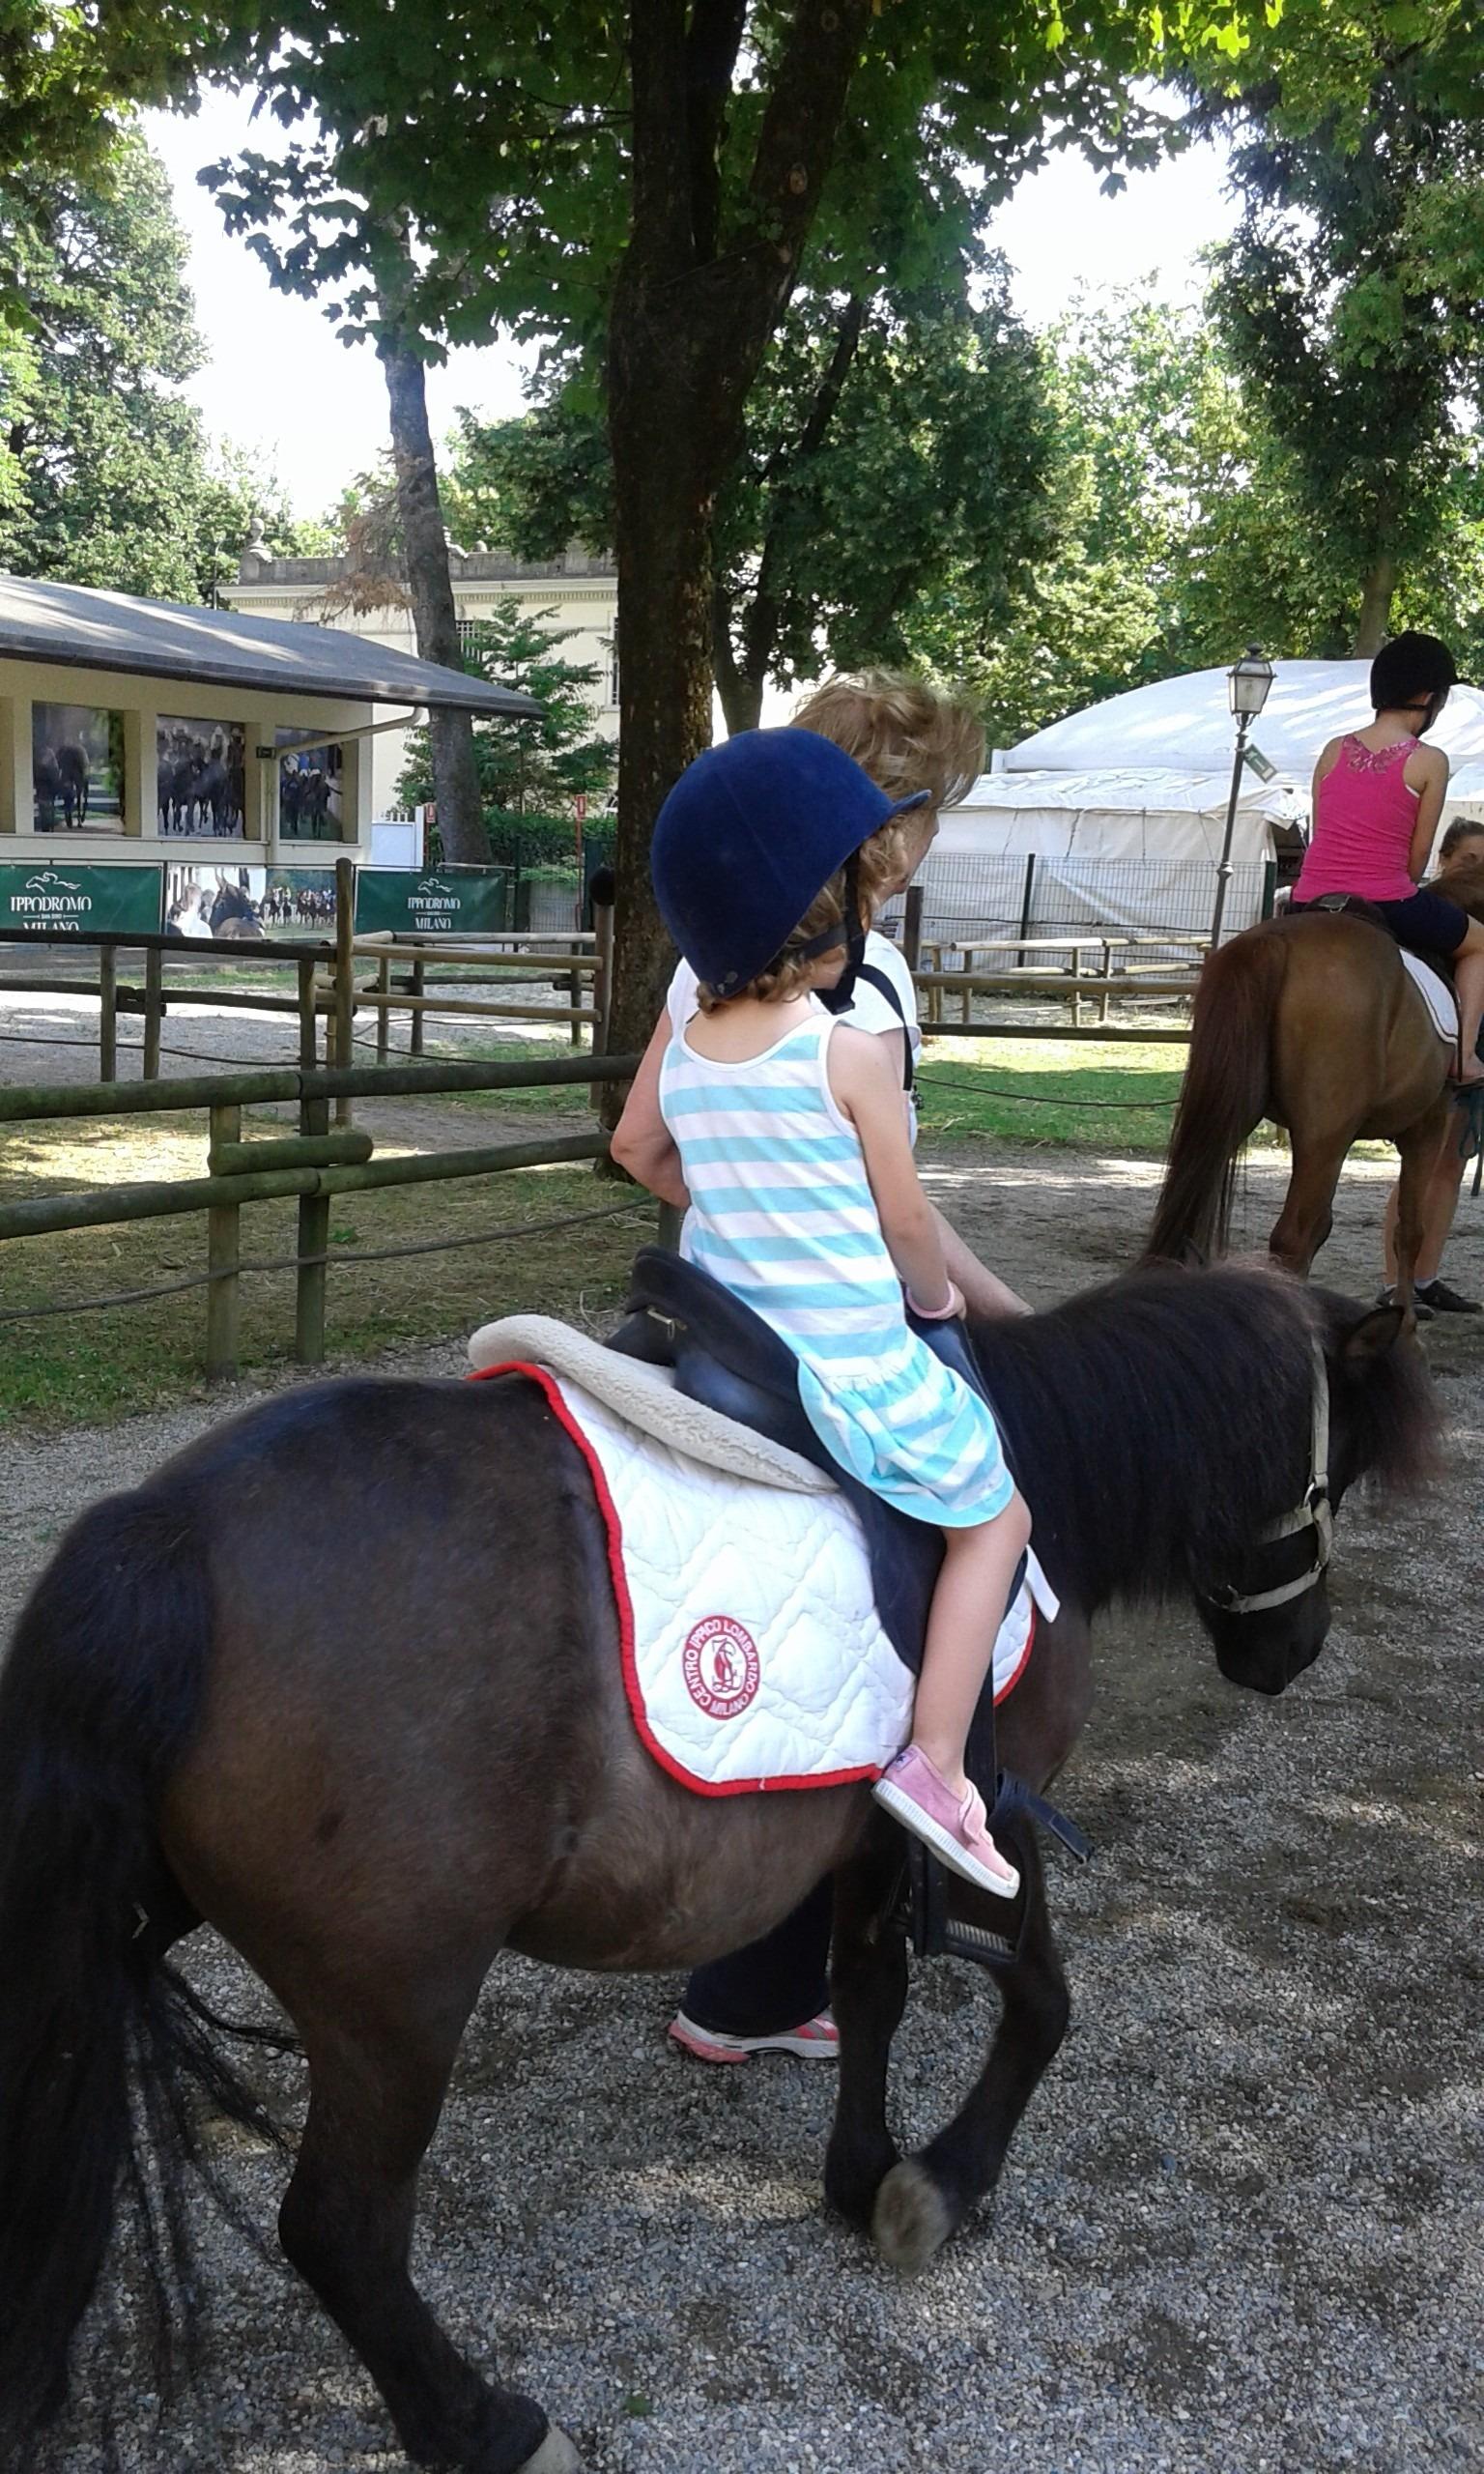 La piccola Camilla a Cavallo - Credits Benedetta